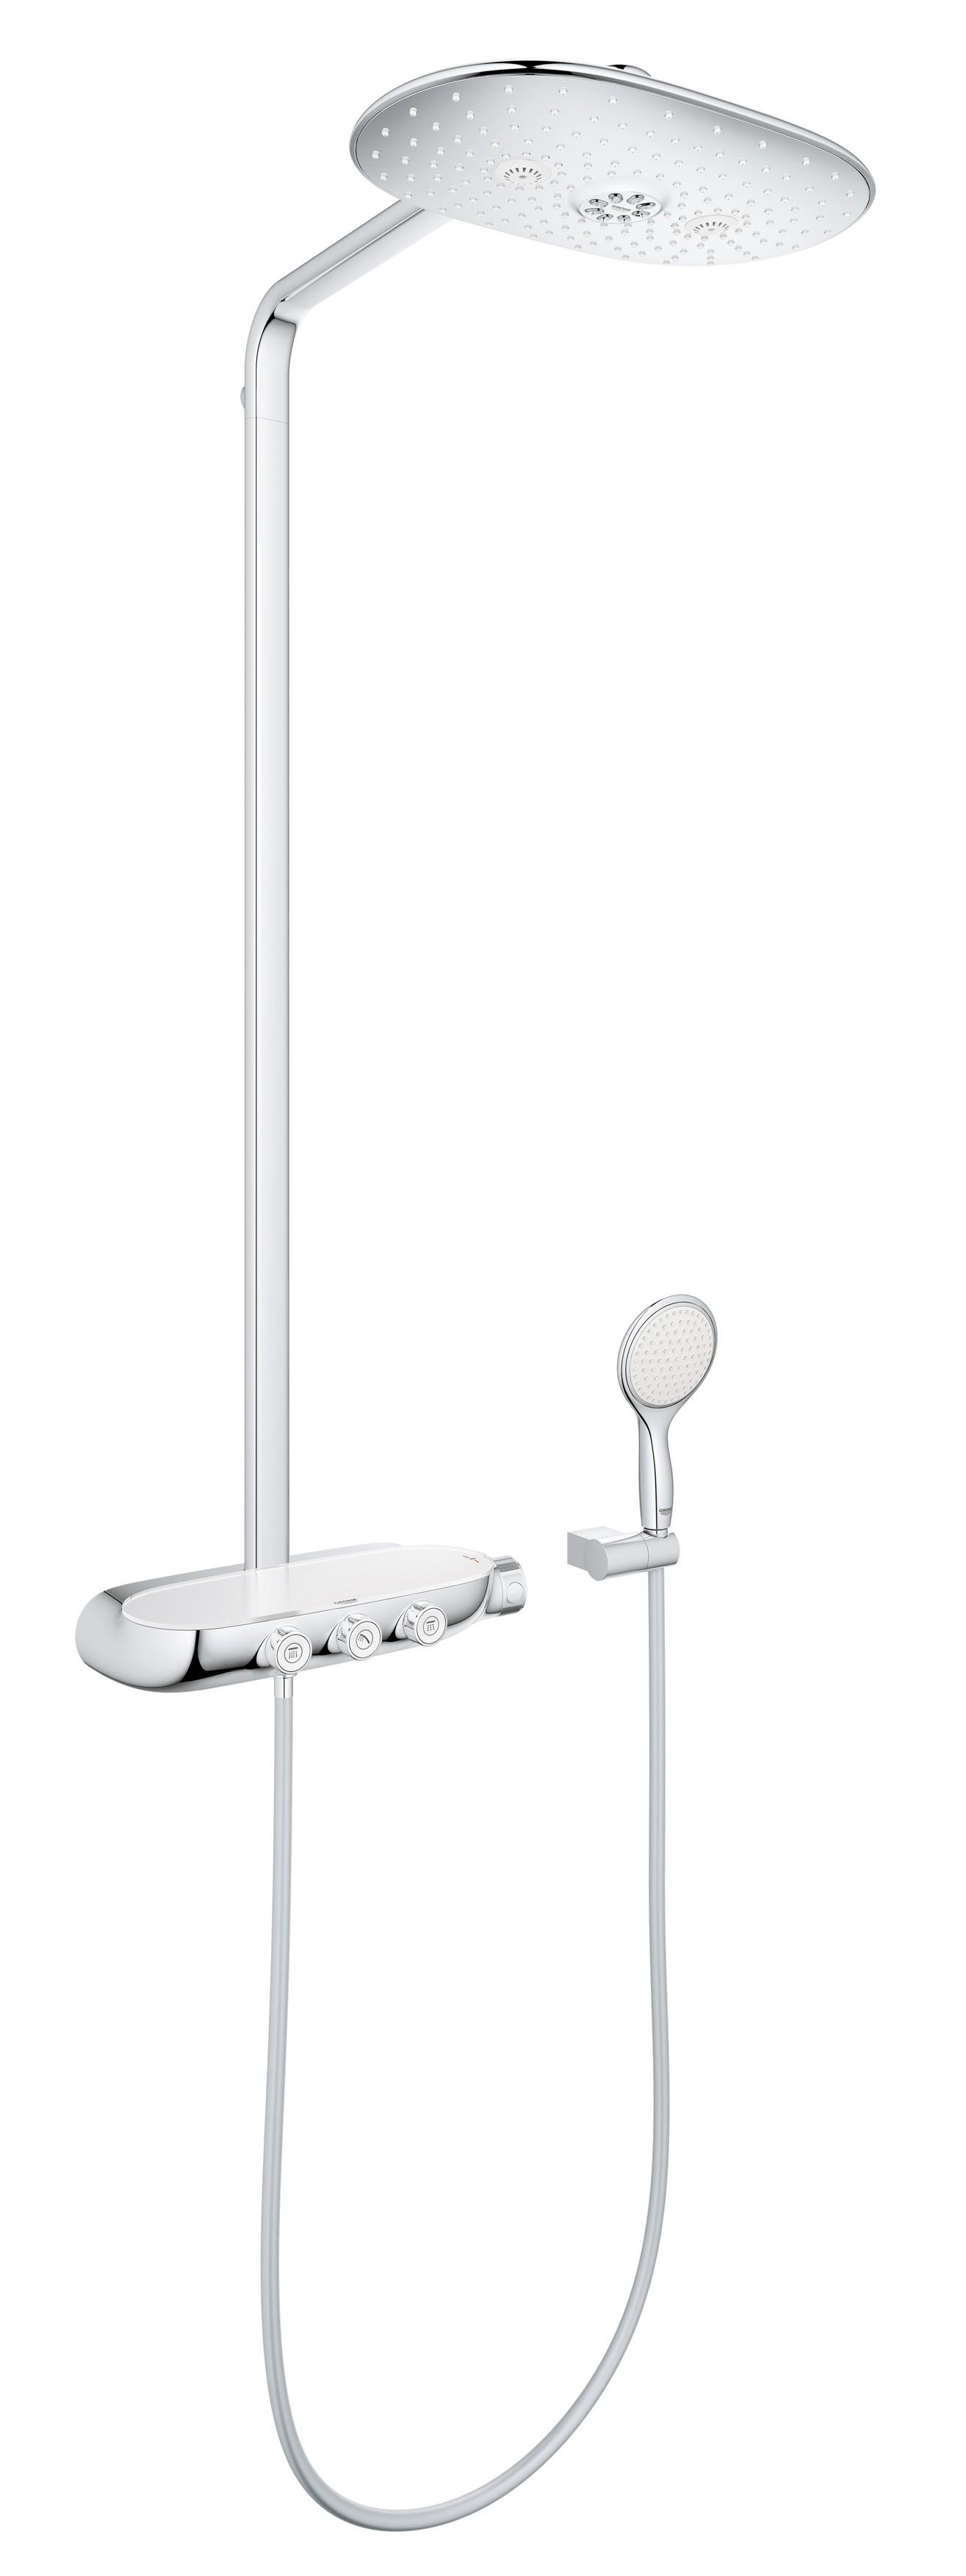 Душевая система Grohe 26250000 Rainshower SmartControl с верхним и ручным душем, хром (26250000)